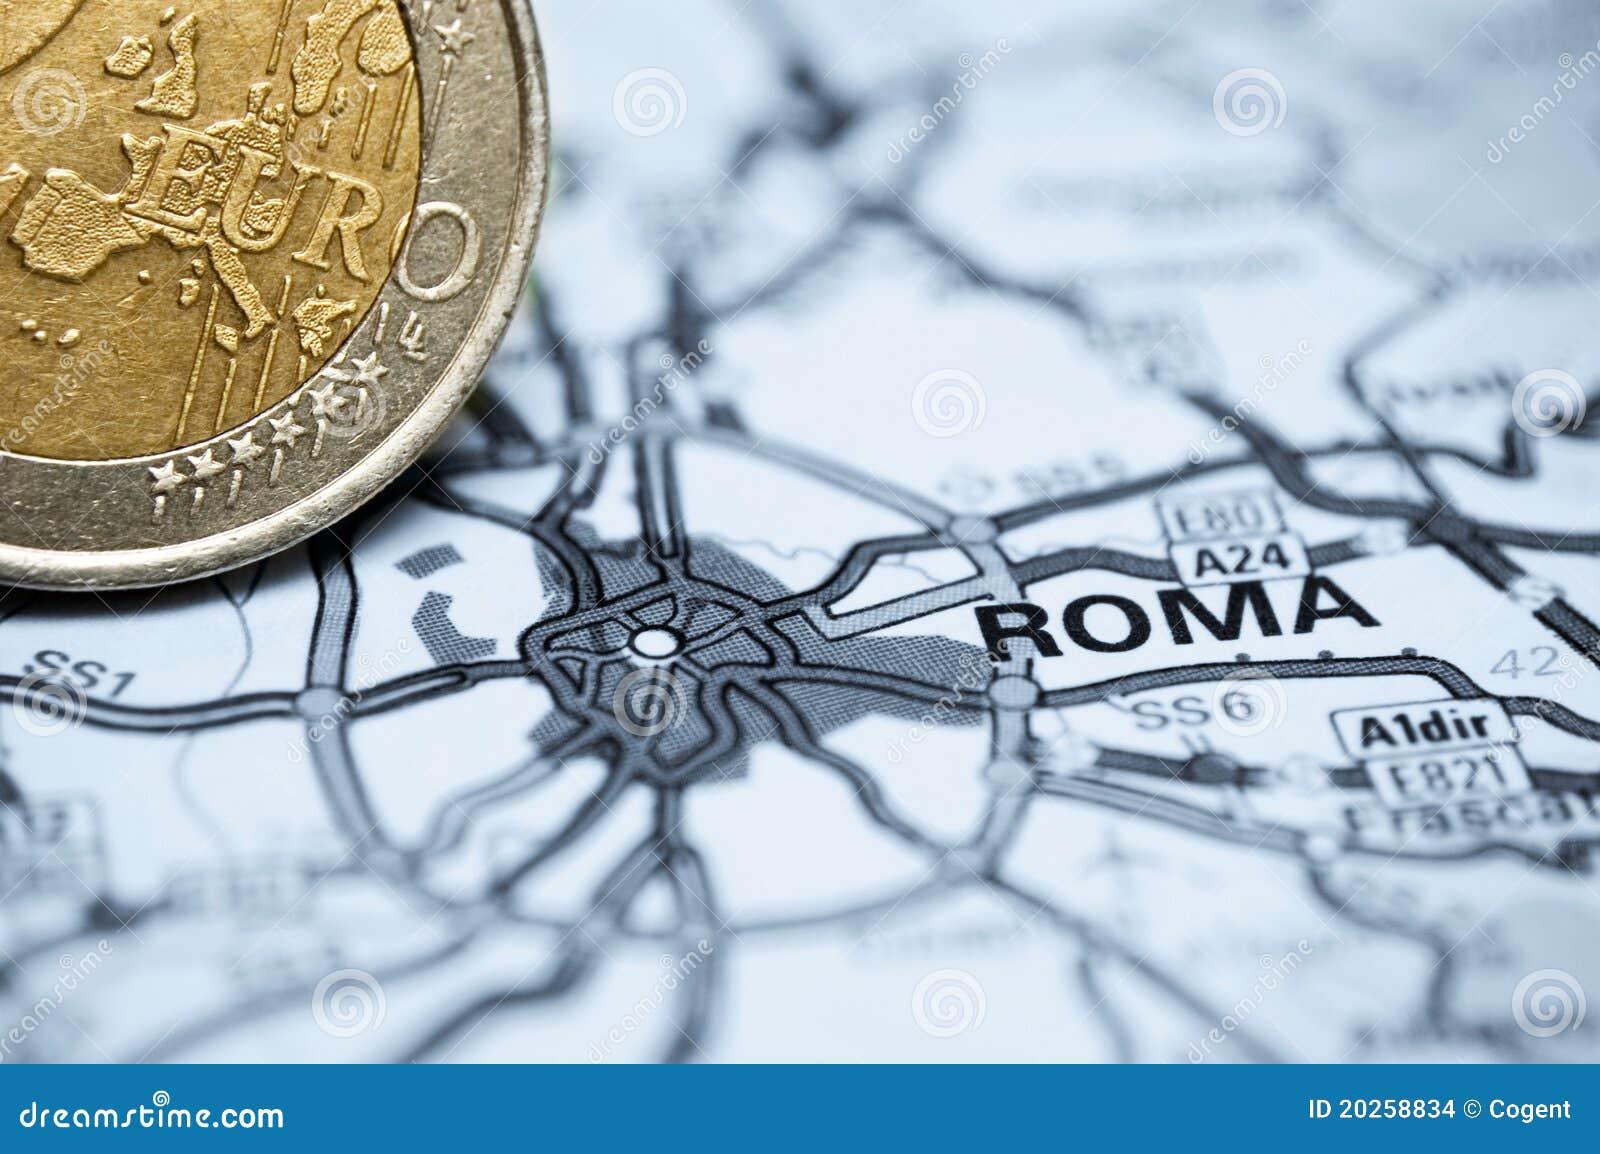 Rome et euro pièce de monnaie